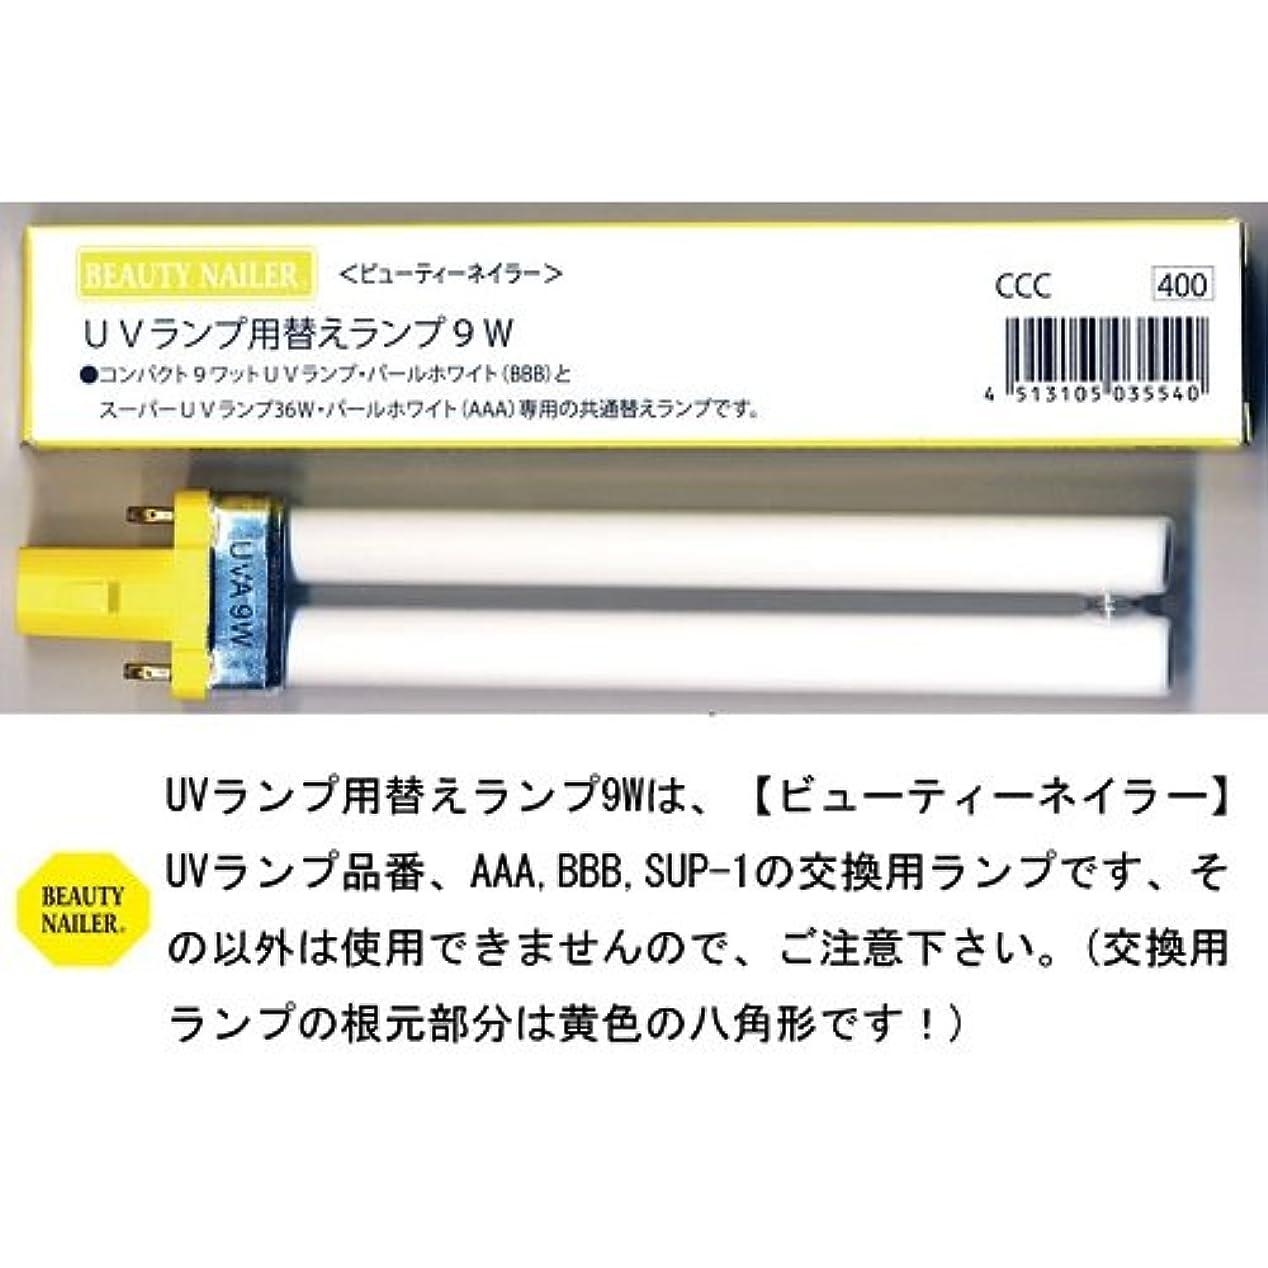 にぎやか代数単位ビューティーネイラー 交換用UVランプ9W 4本セット CCC-4